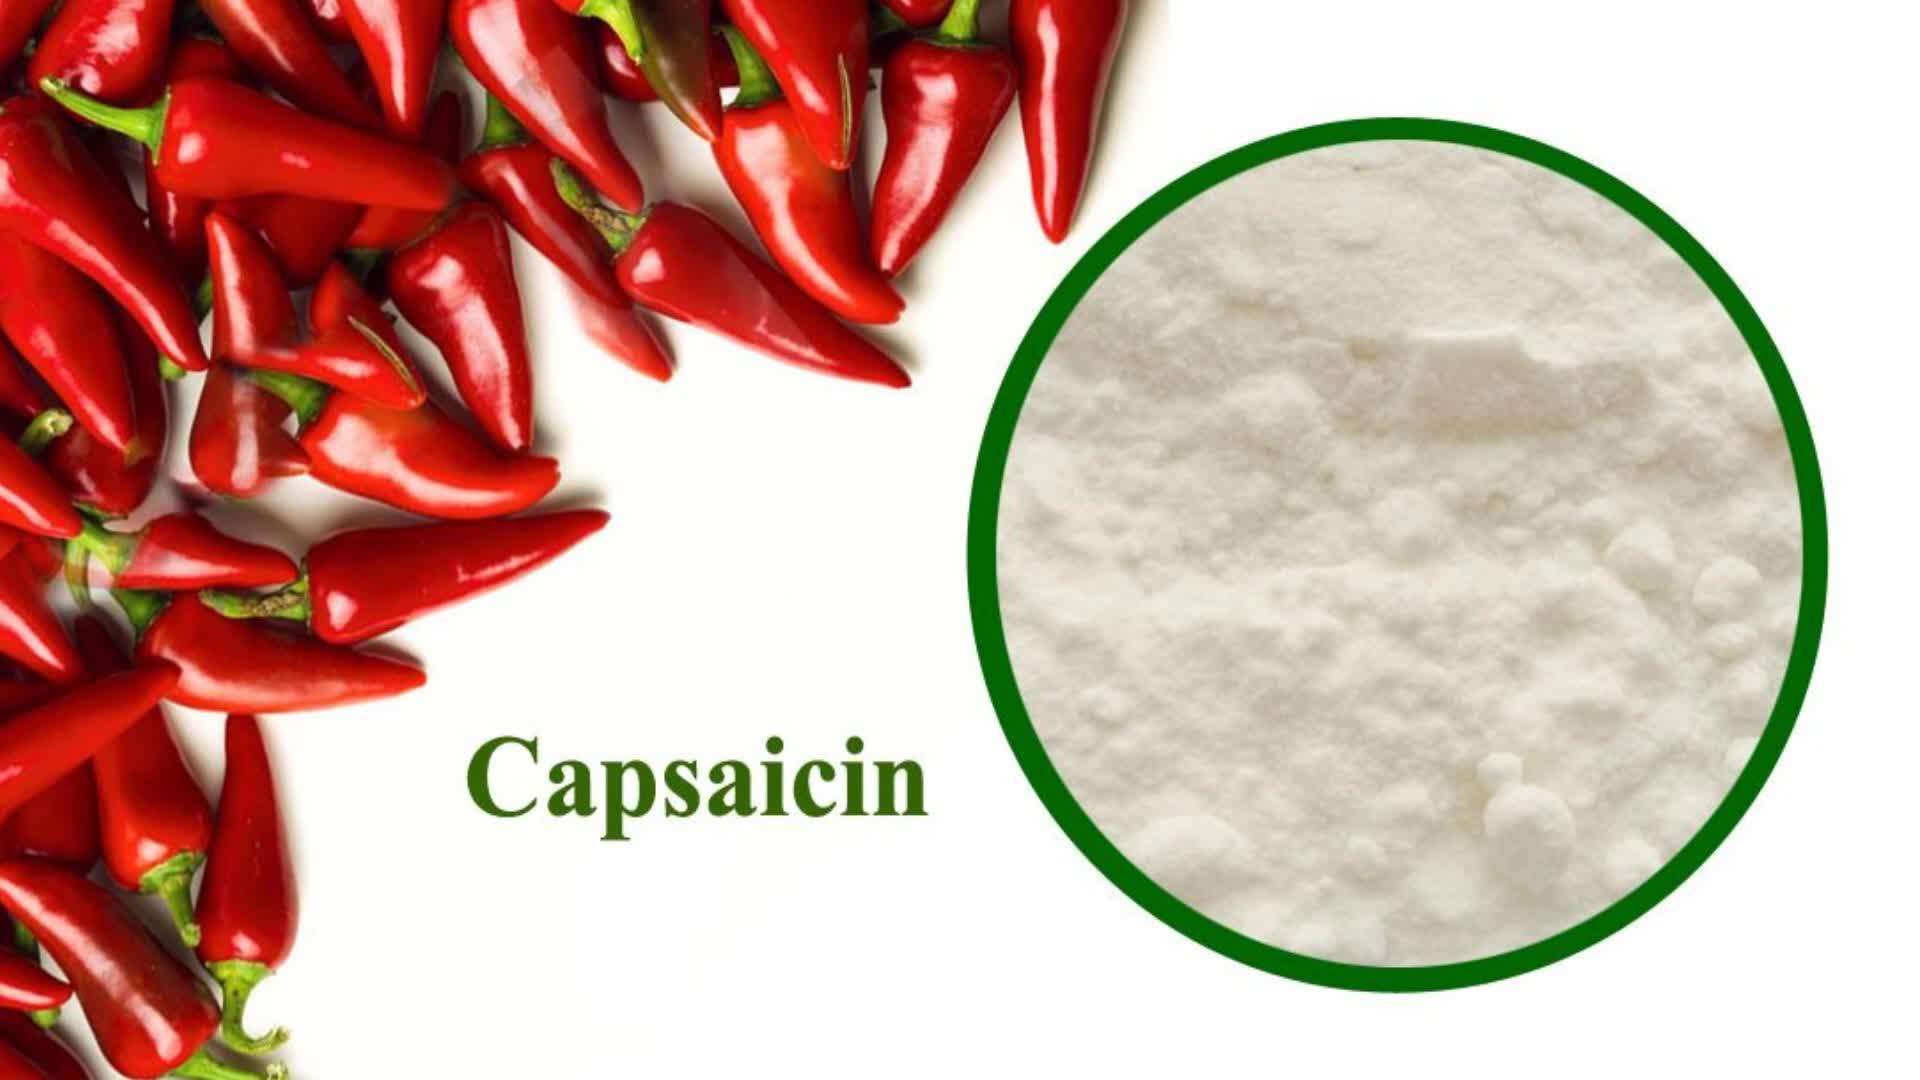 EP8.0 Standard Nootropics API99% Piracetam Powder